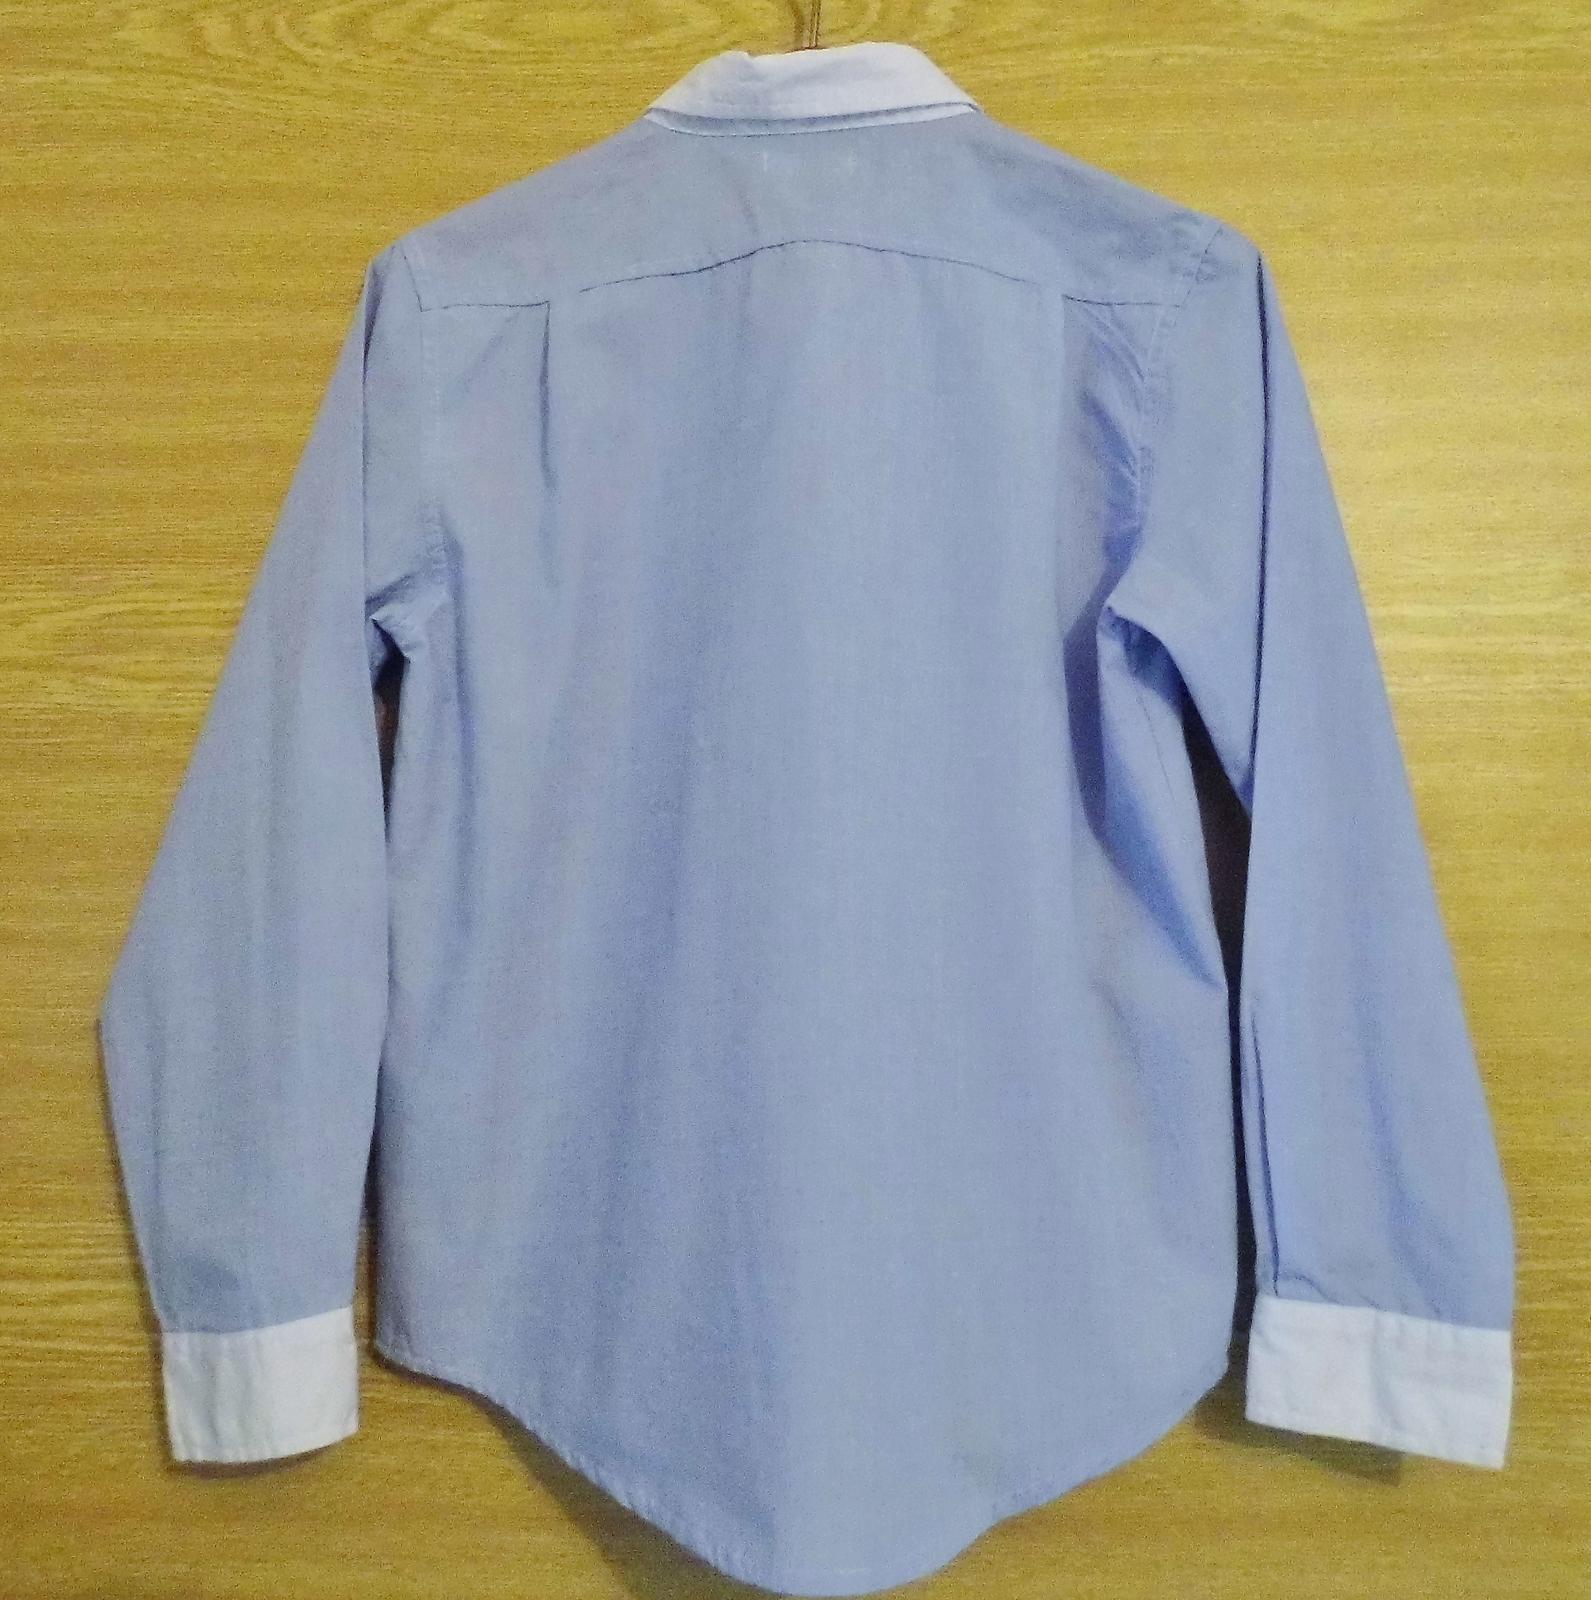 košeľa Pepco veľ. 140 - Obrázok č. 2